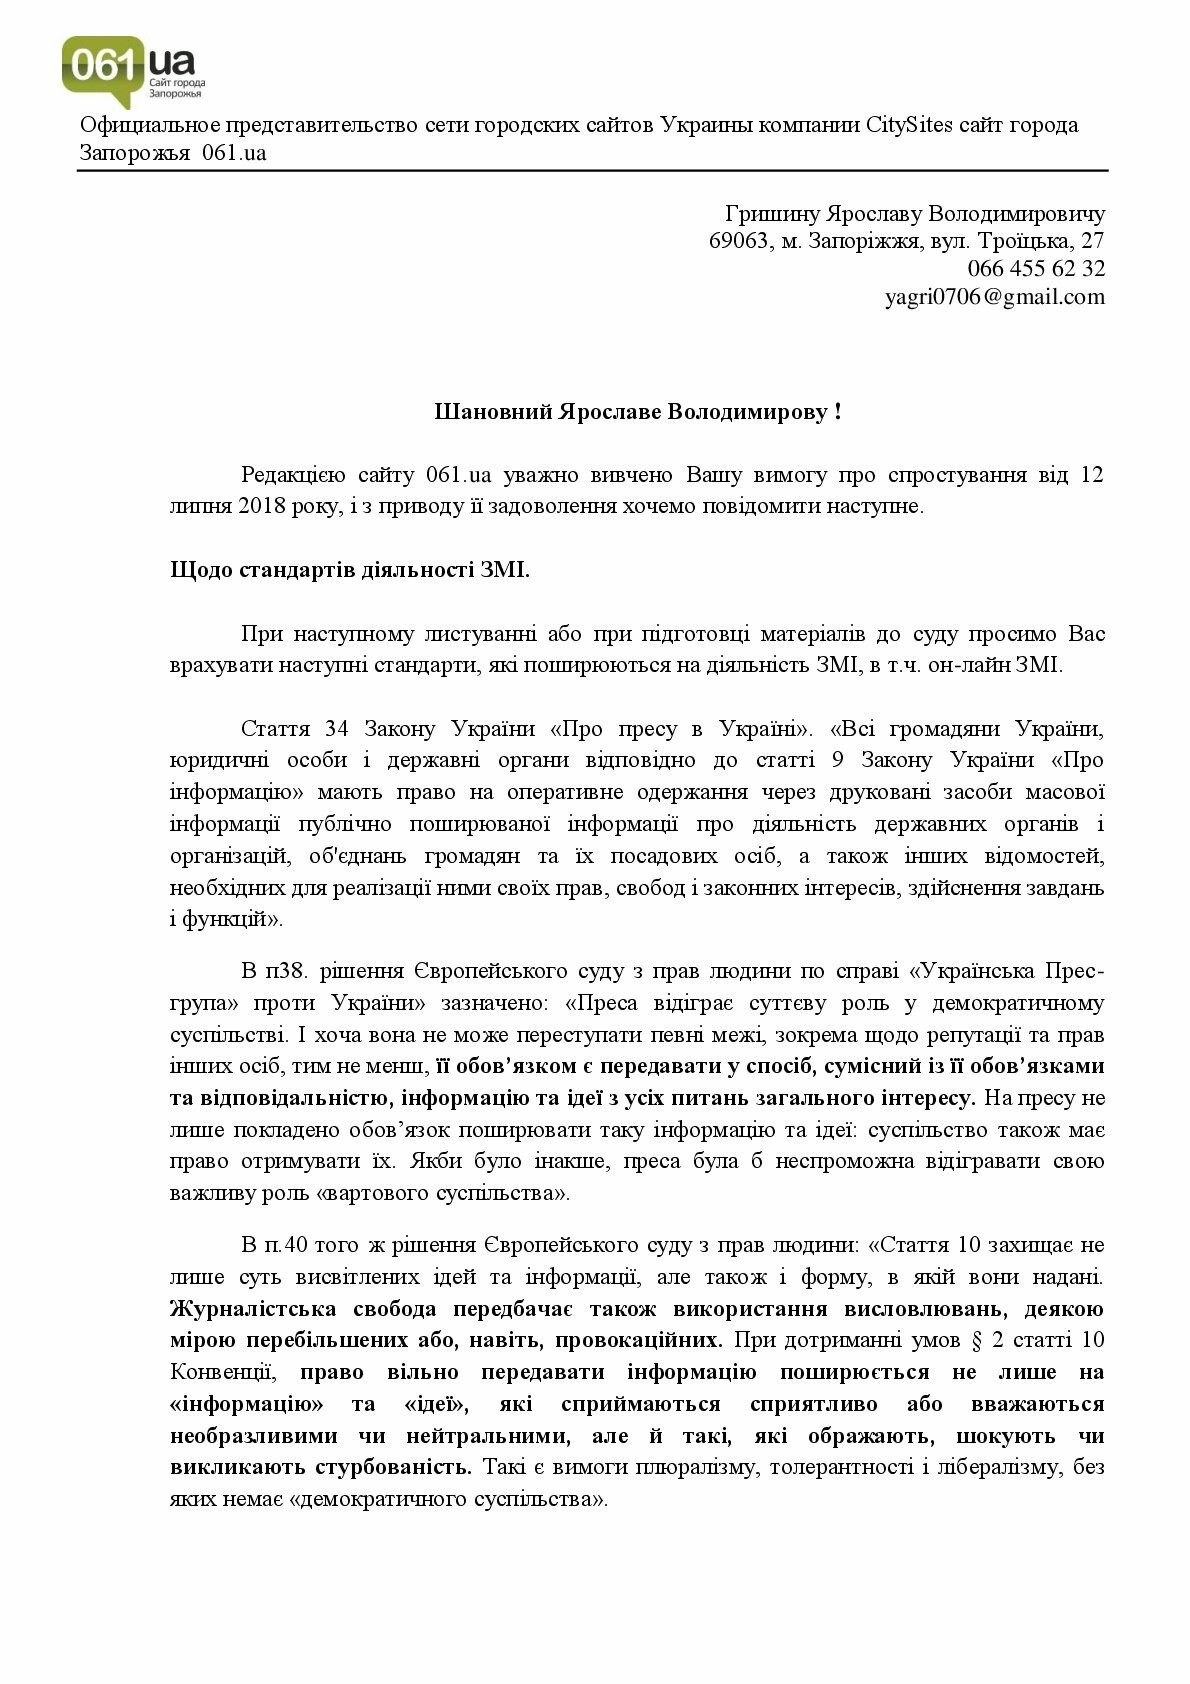 Депутат Гришин официально потребовал опровергнуть информацию о состоянии погибшего в ДТП. Ответ редакции 061, фото-1